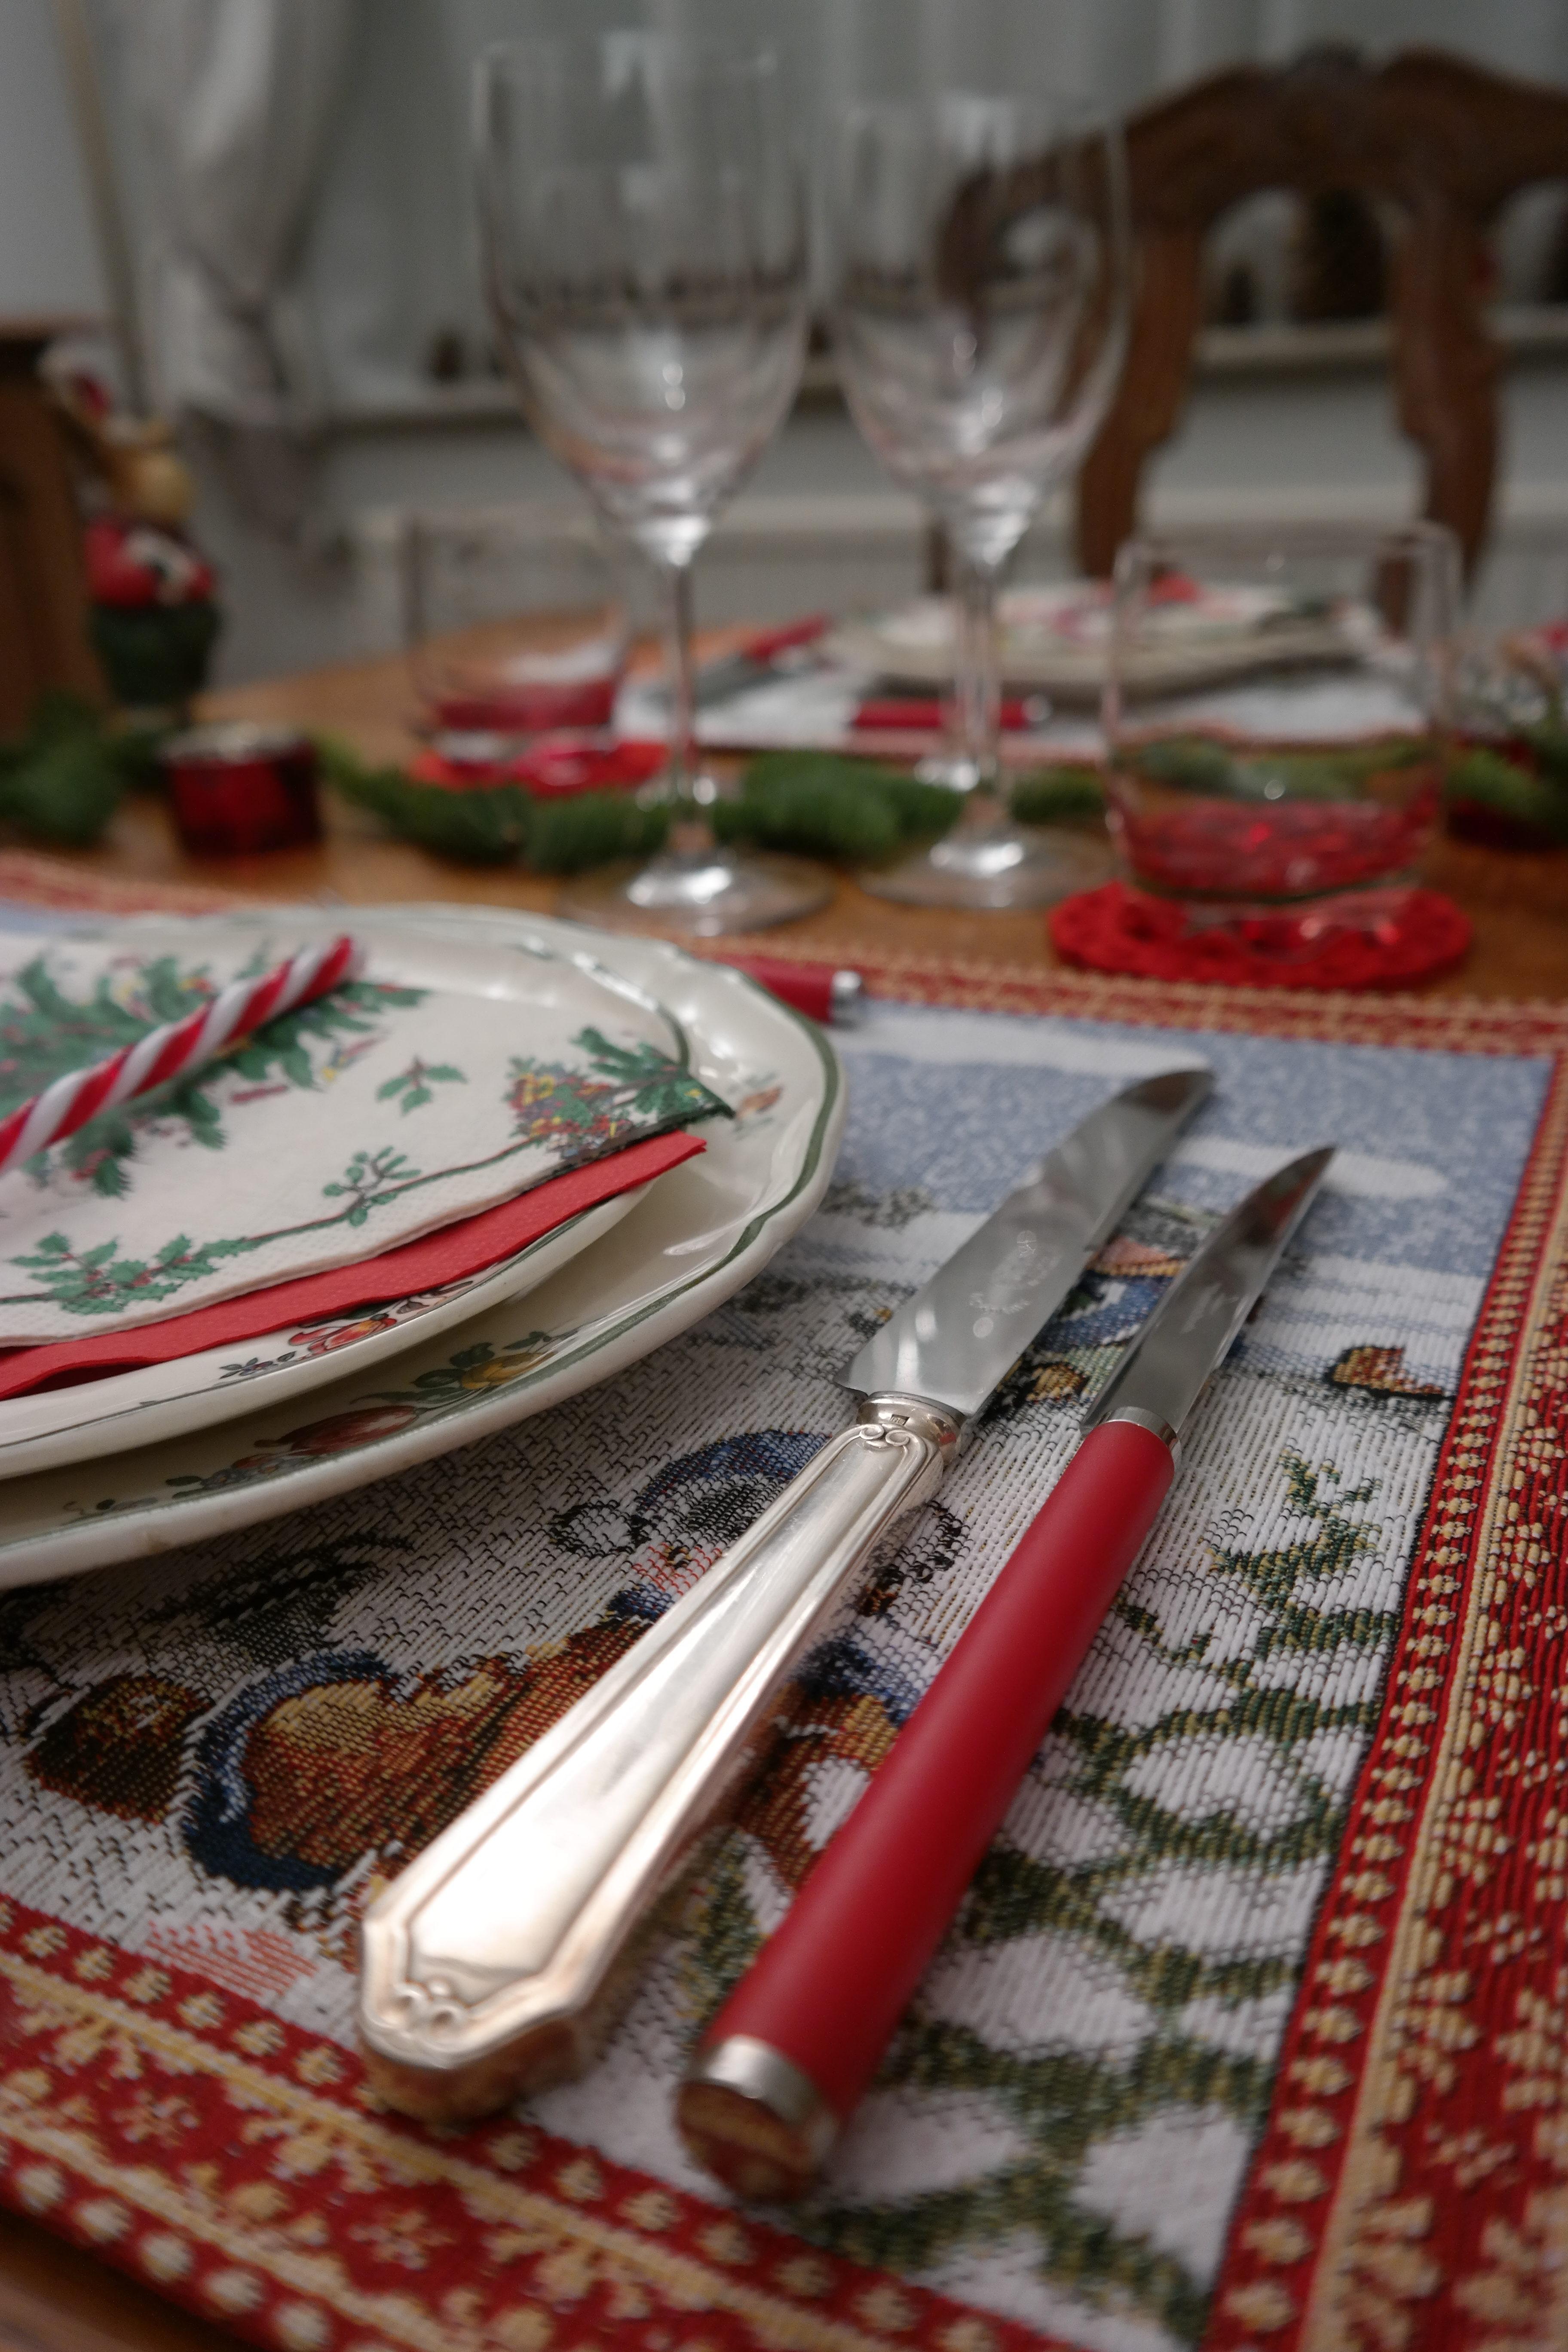 Noël et tradition - Couteaux